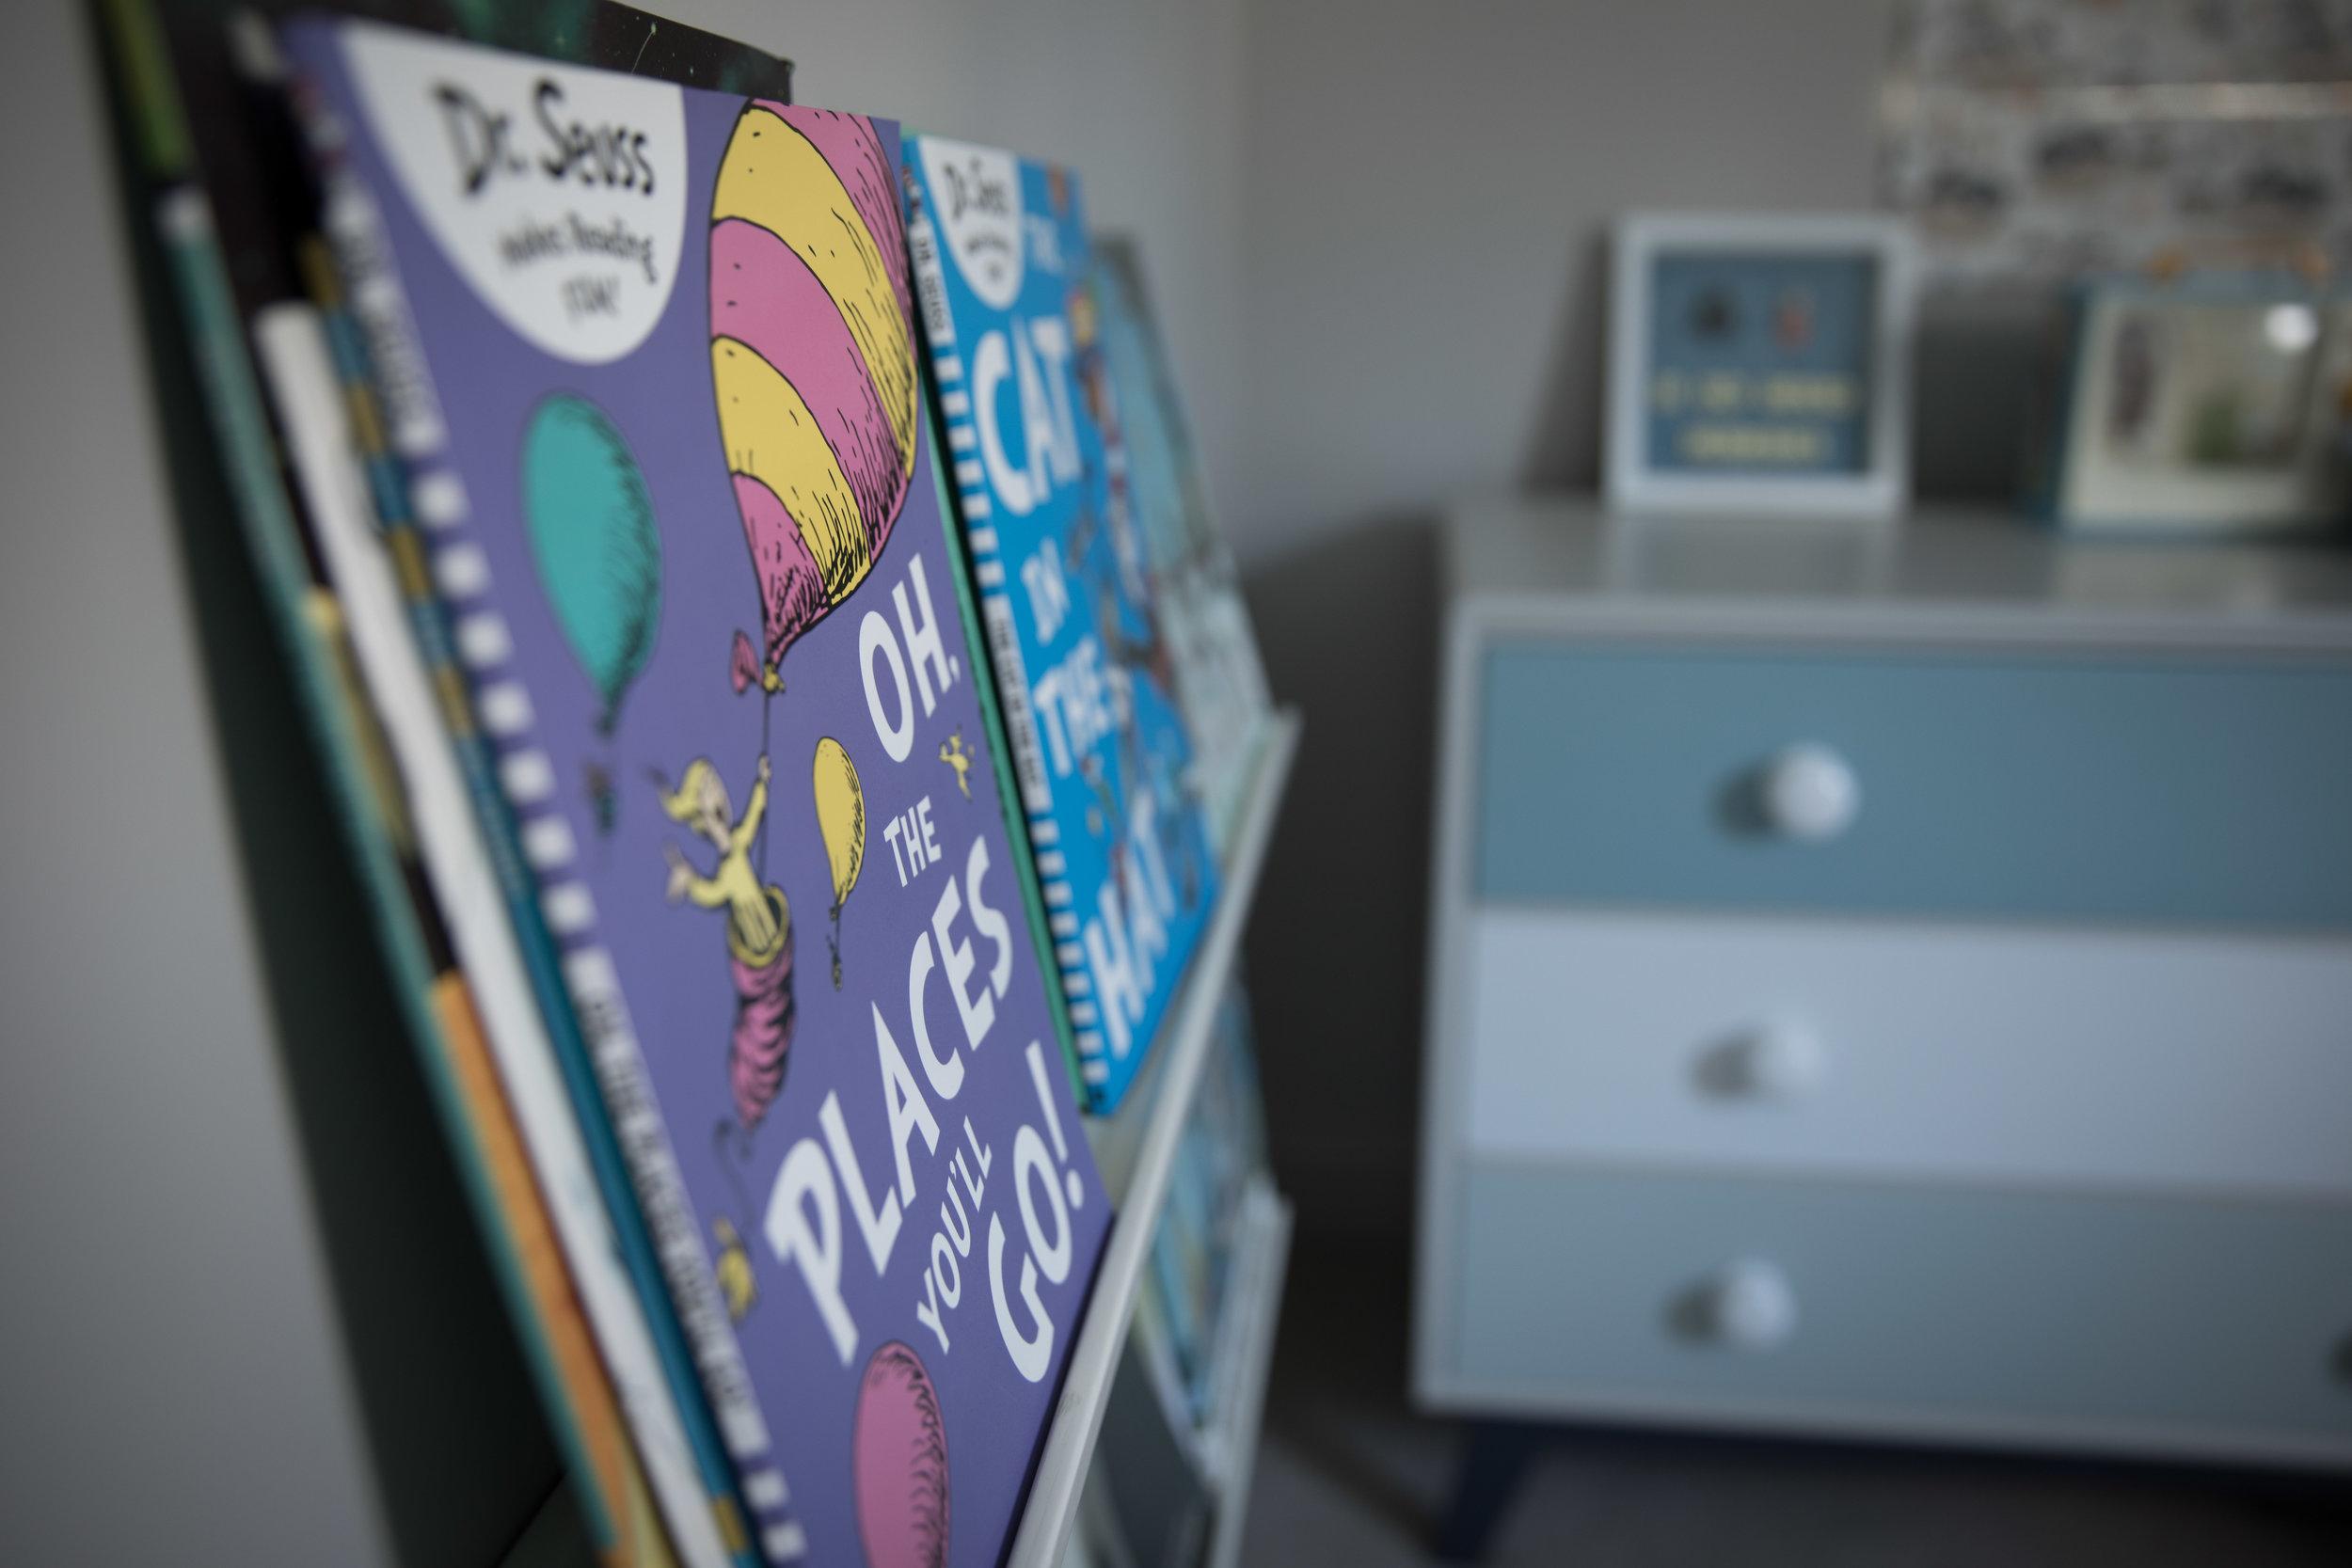 Kids bedroom bookshelves